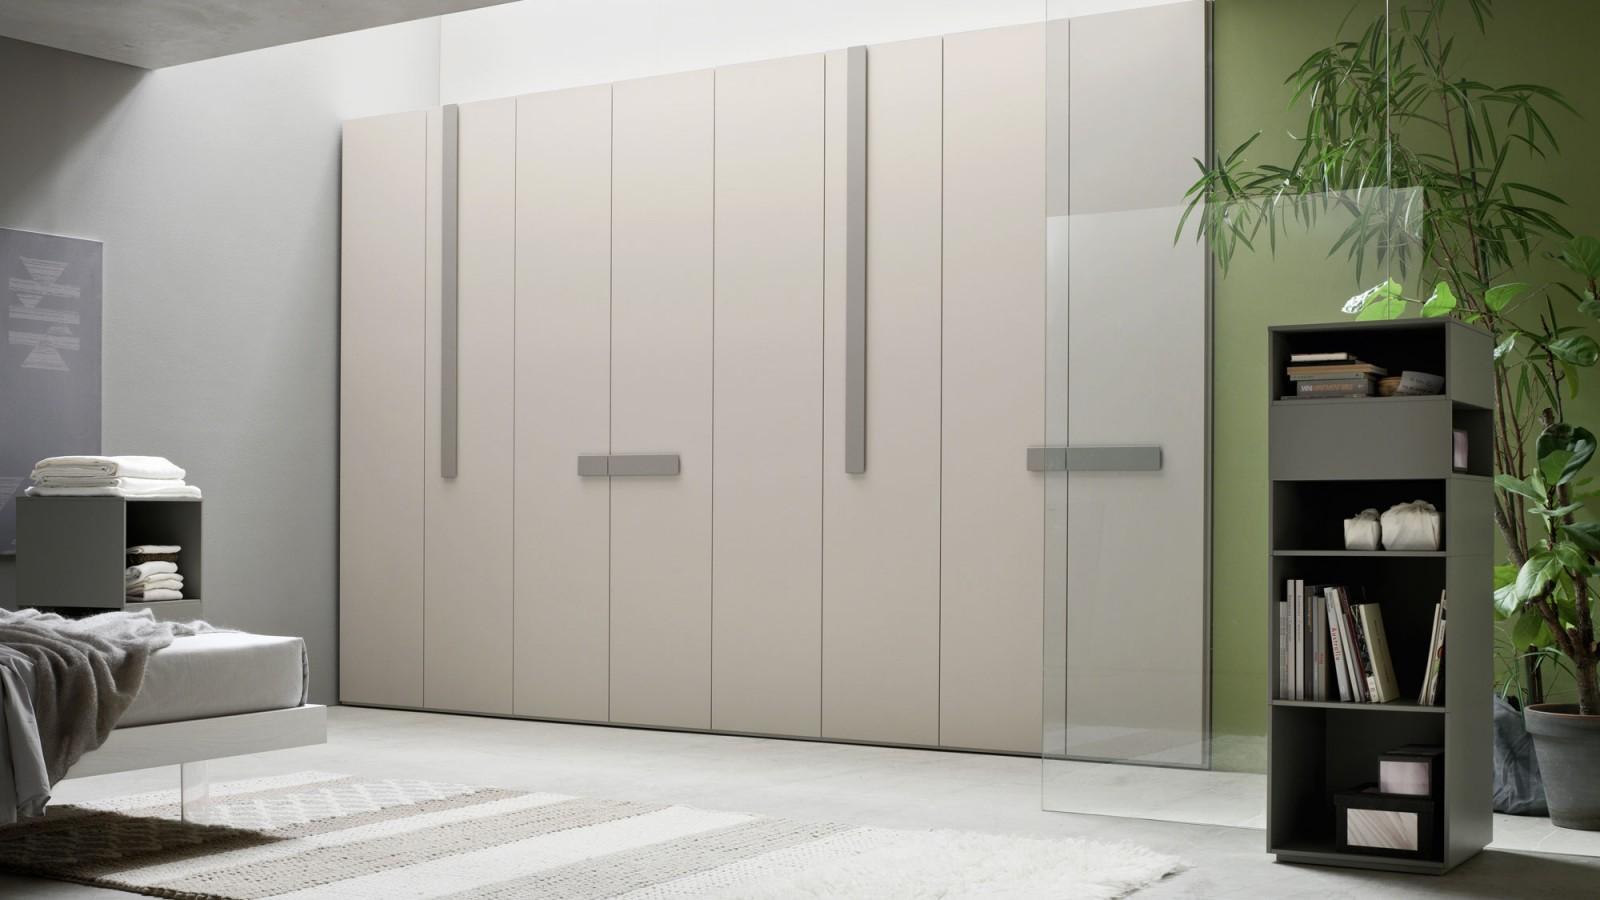 Распашной шкаф Armadio anta Line от производителя Orme: купить в ...